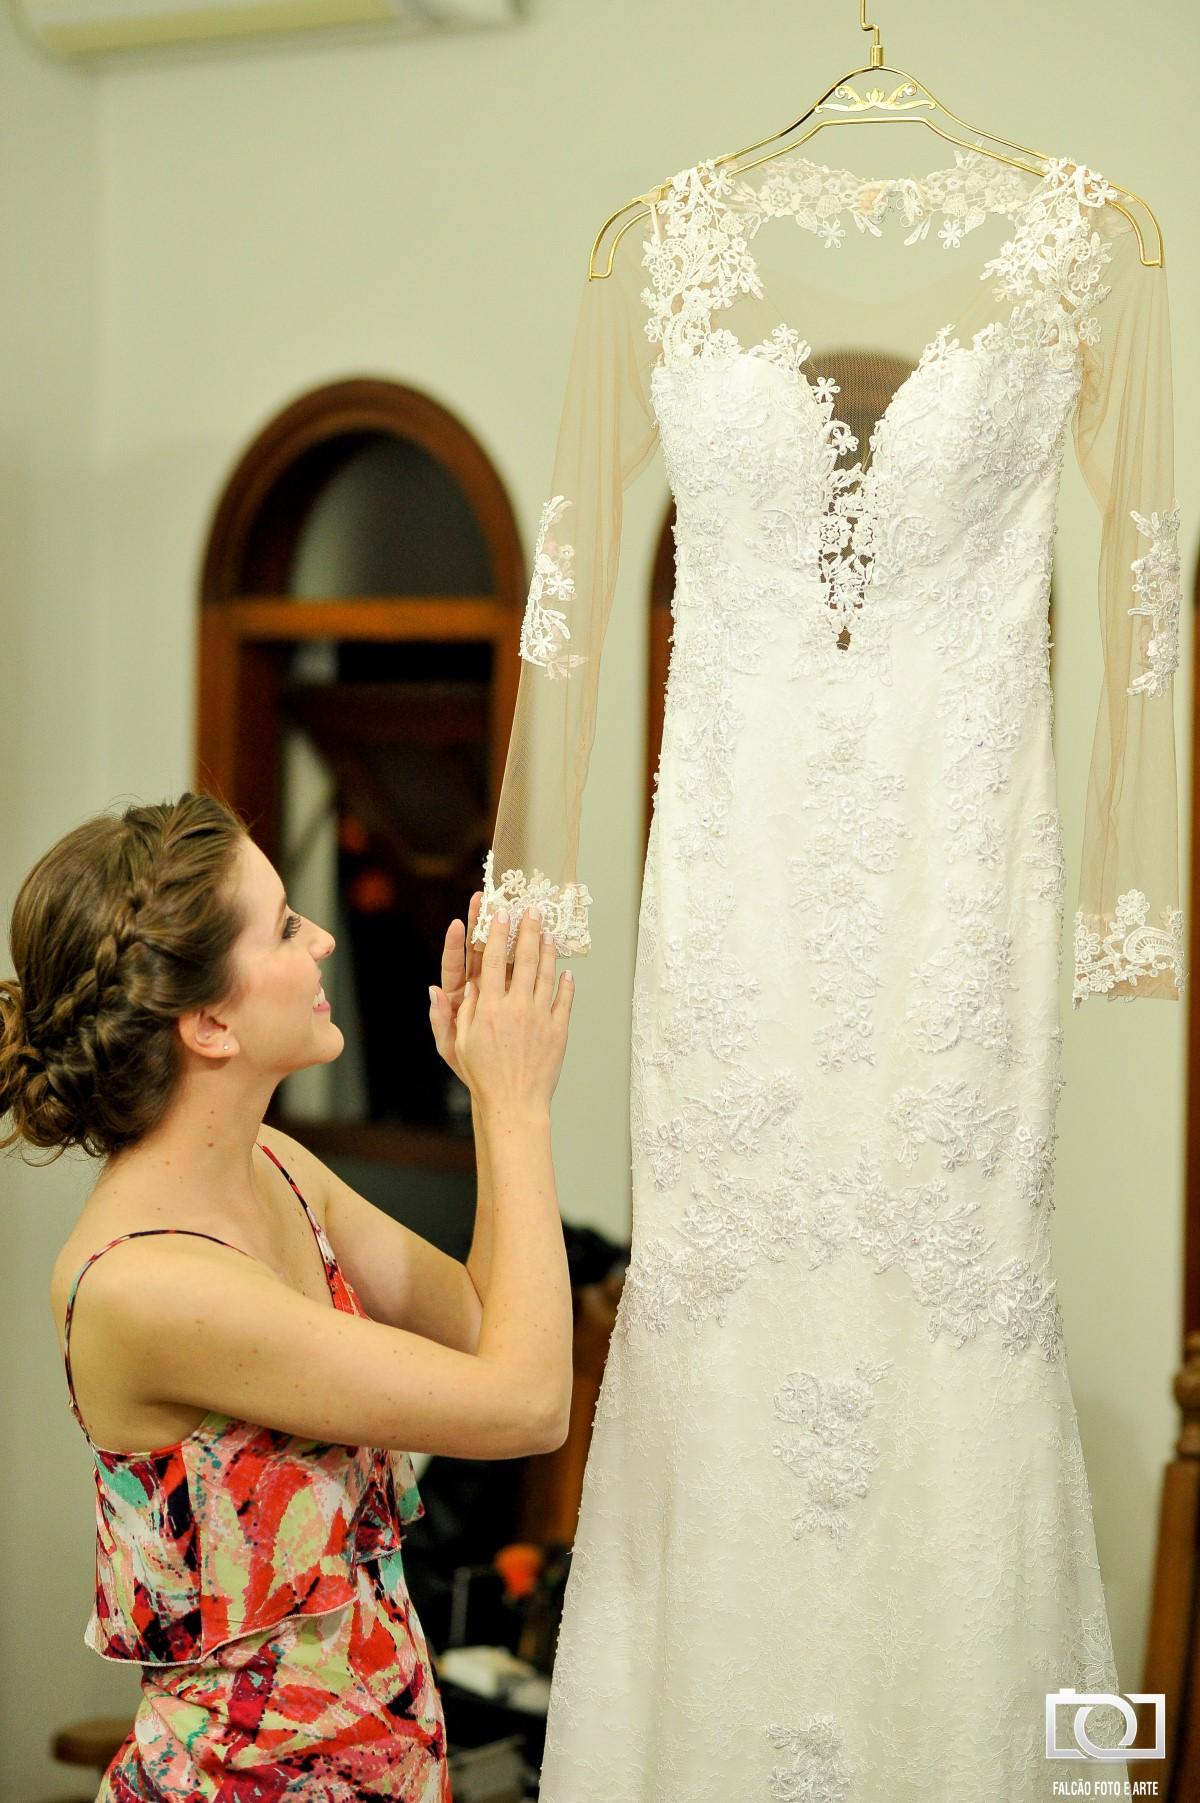 Foto de uma noiva segurando a manga de seu vestido que está espendurado.